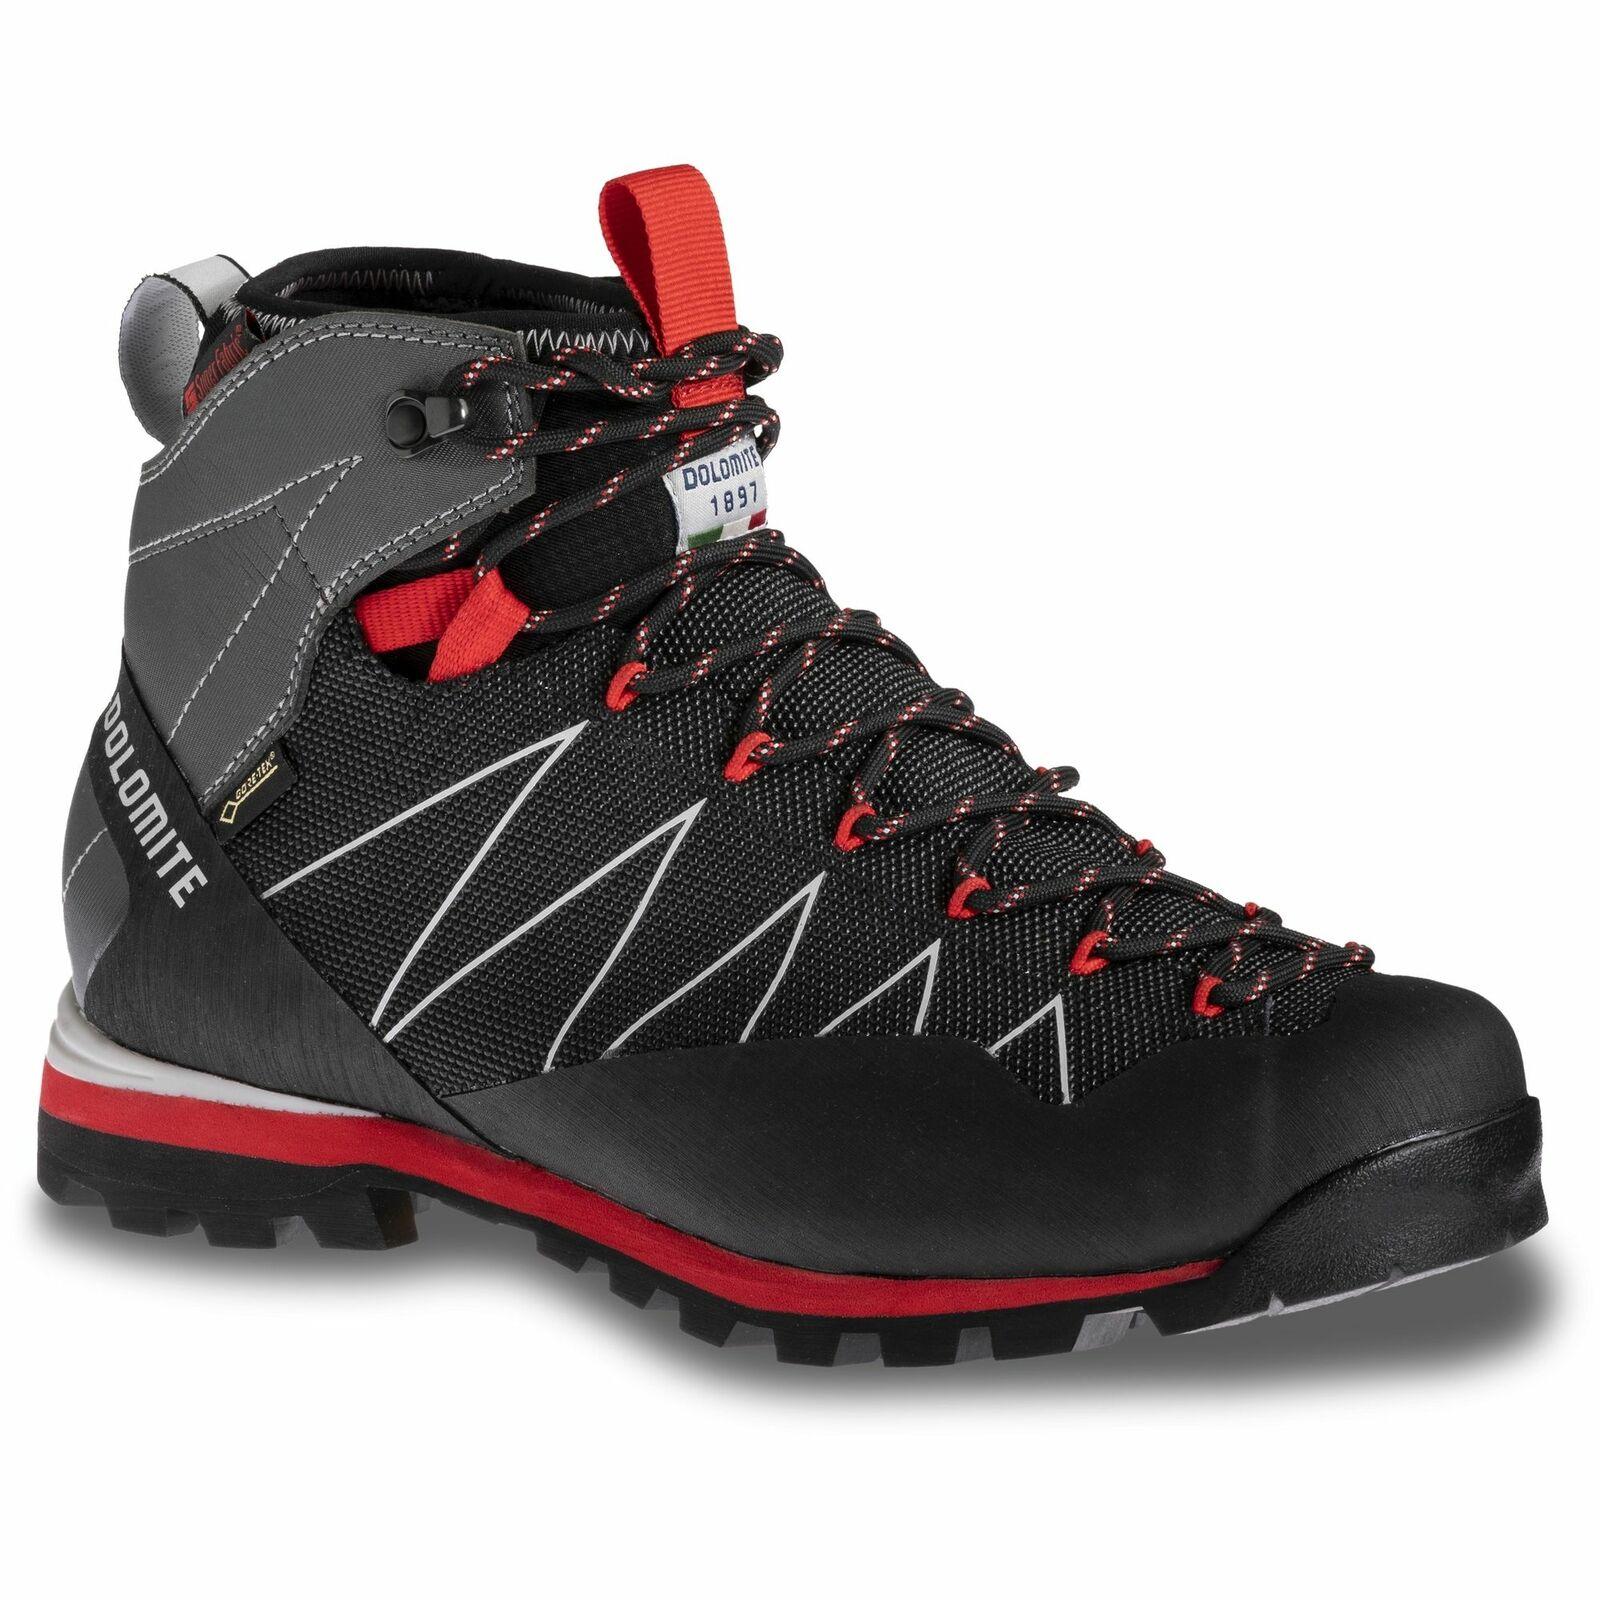 Dolomite DOL schuhe Crodarossa Pro GTX GTX GTX Wanderschuhe Trekkingschuhe Outdoorschuhe  f8ed42